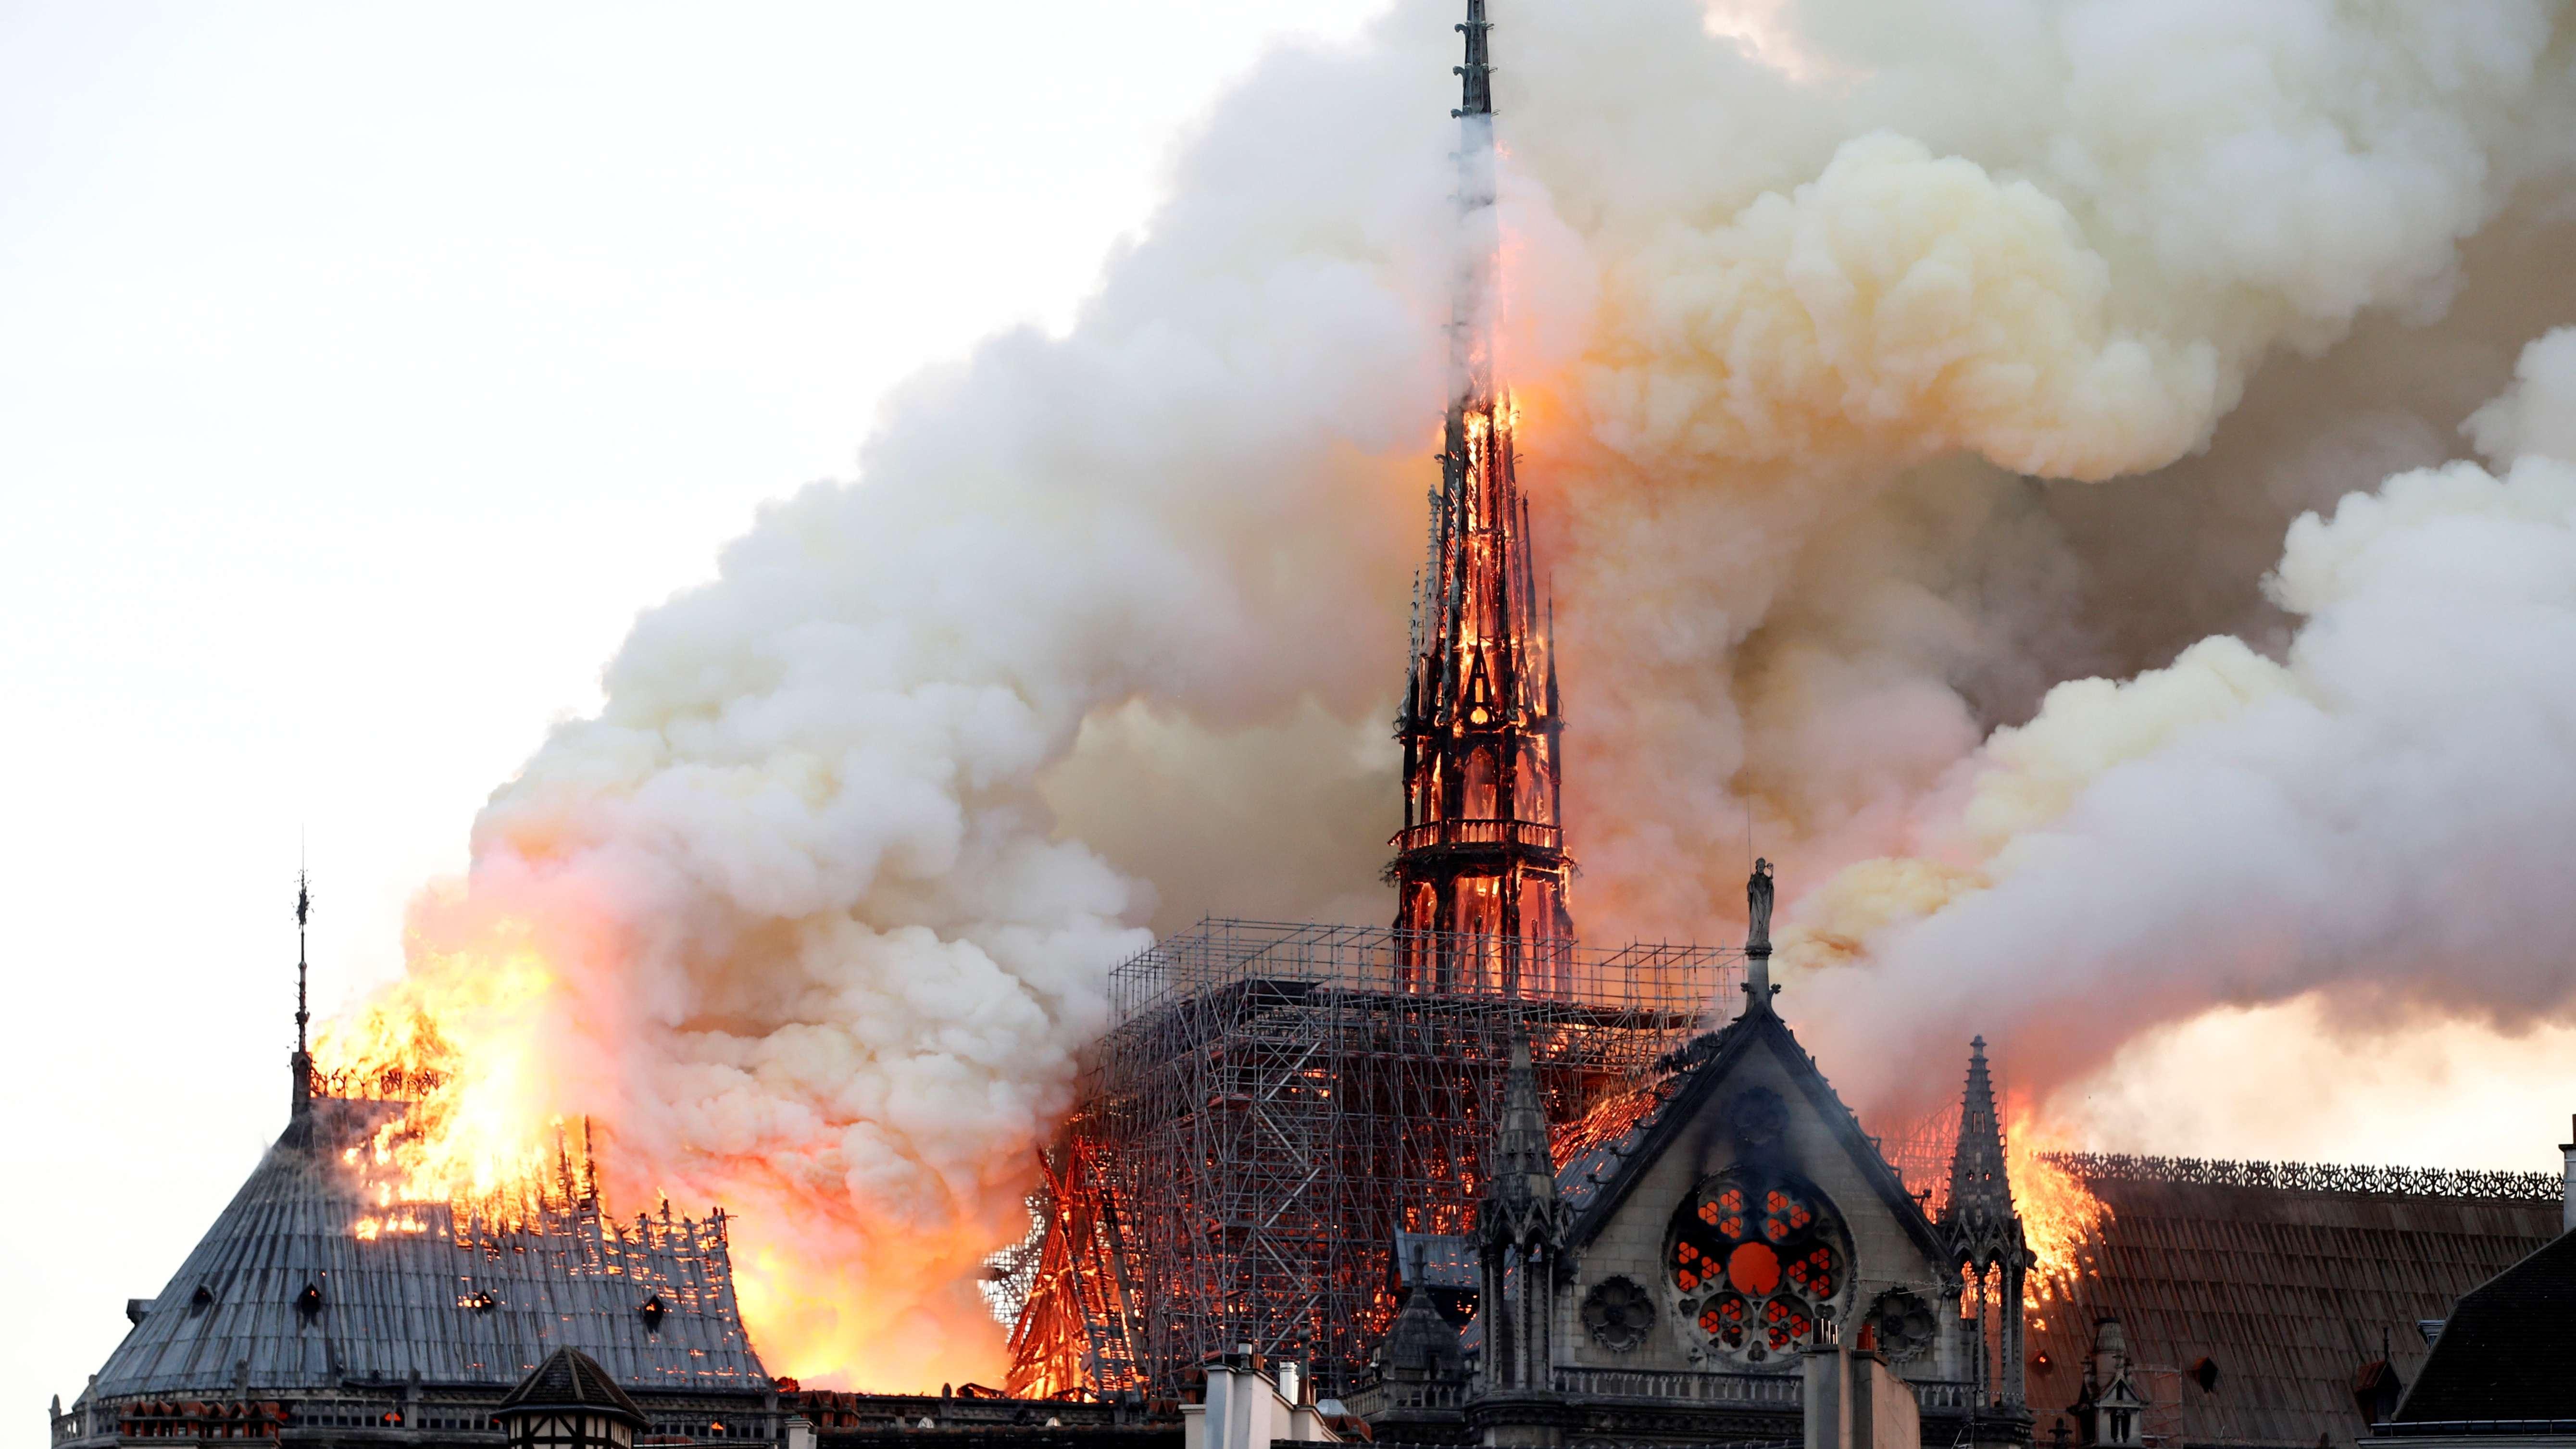 Dach und Spitzturm von Notre-Dame in Flammen